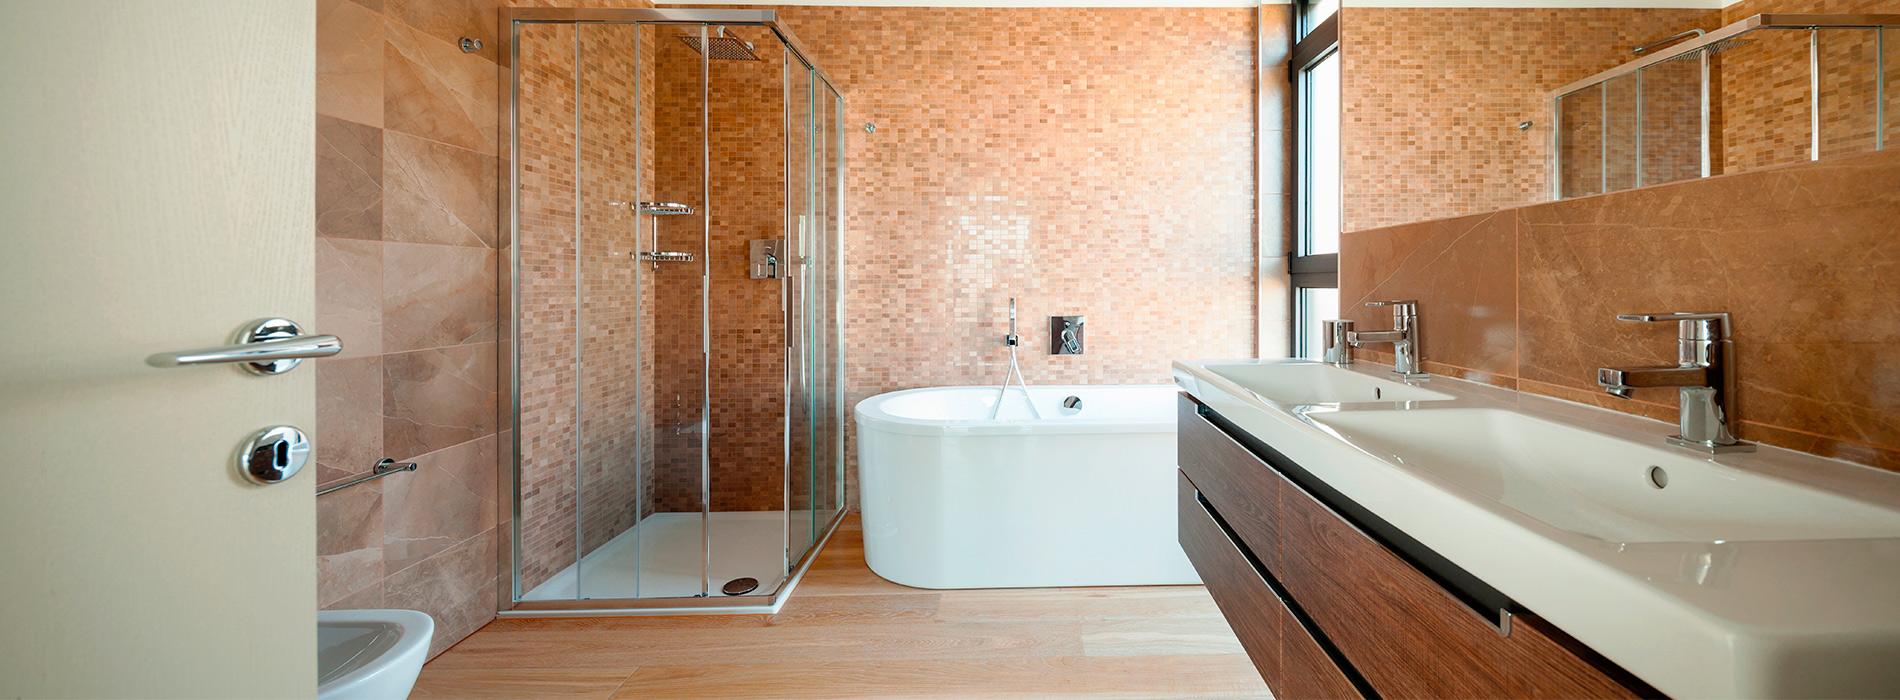 Duchate.es > Cambio de bañera por plato de ducha en Getafe